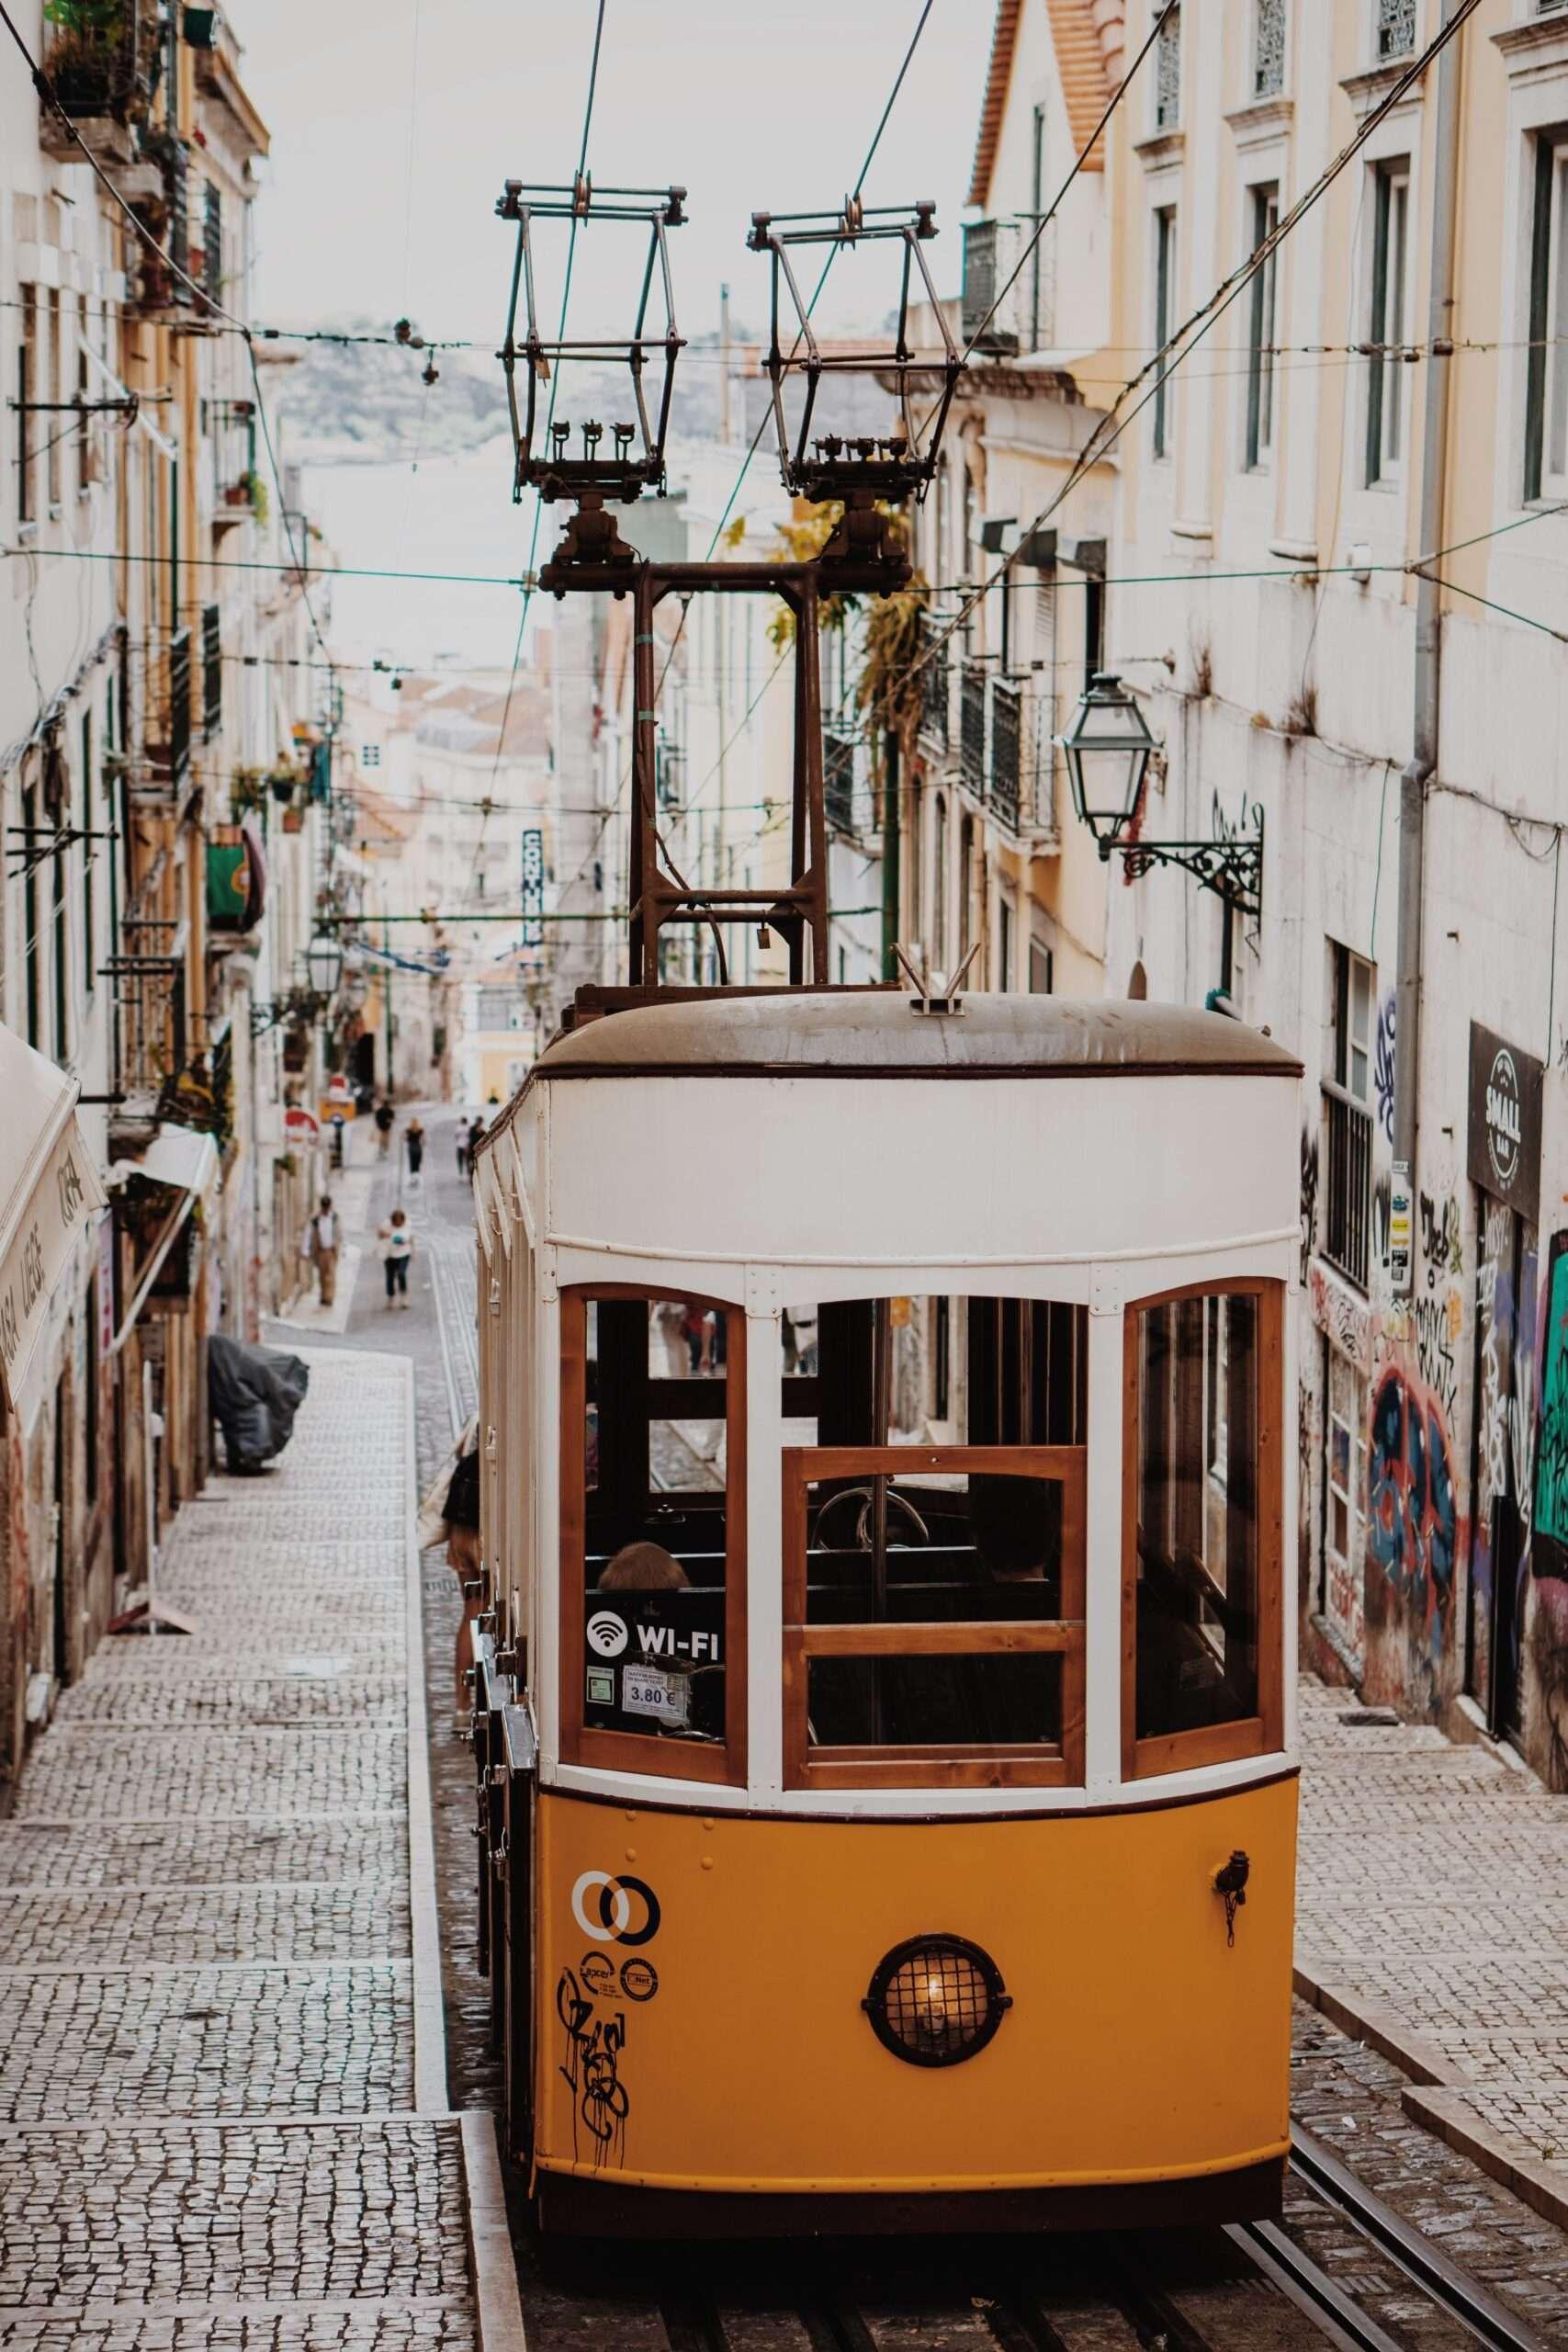 Barrio Alto Tram